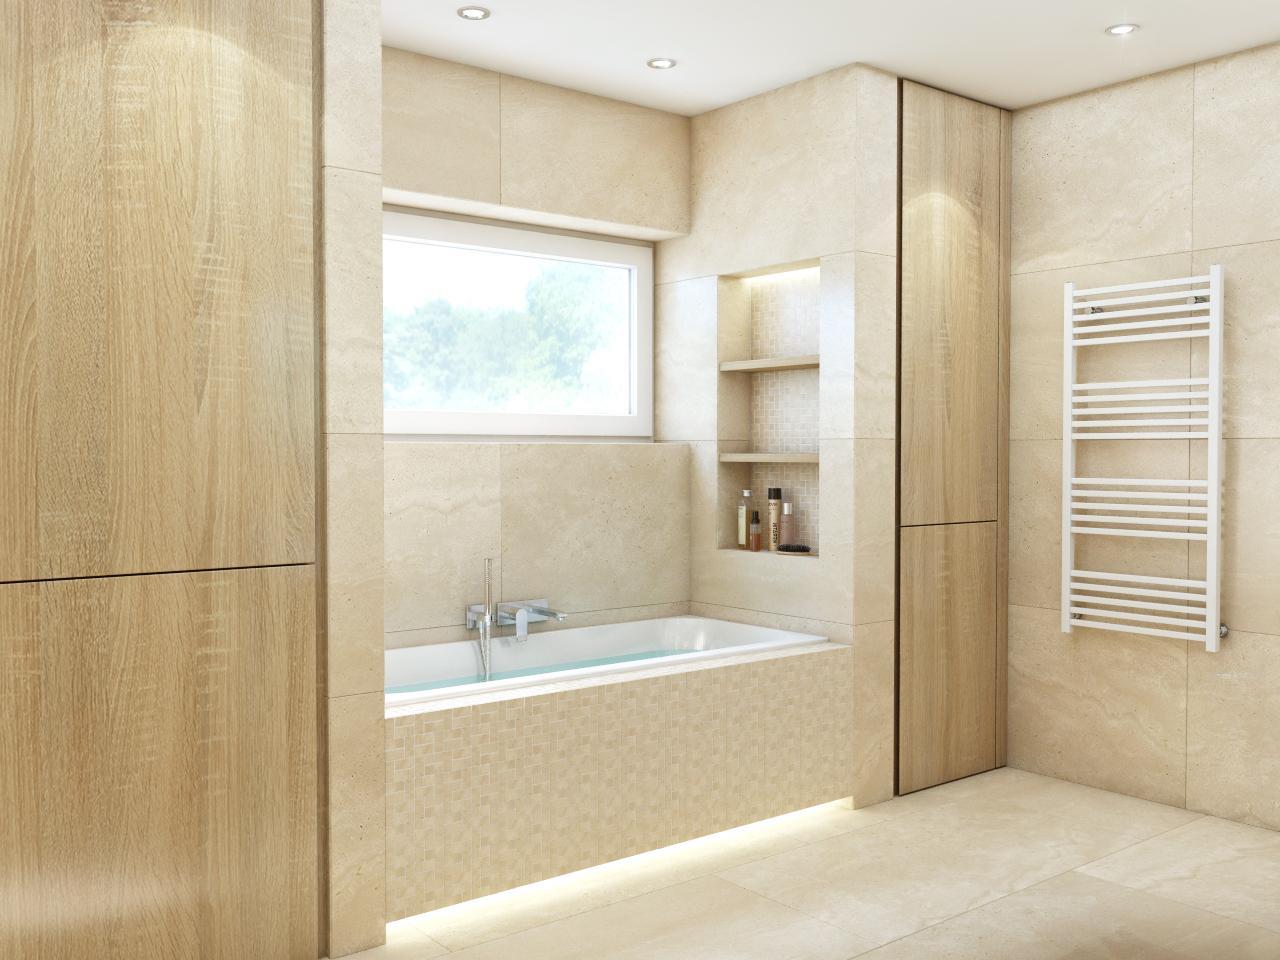 Návrhy kúpeľní 2021 - Obrázok č. 19